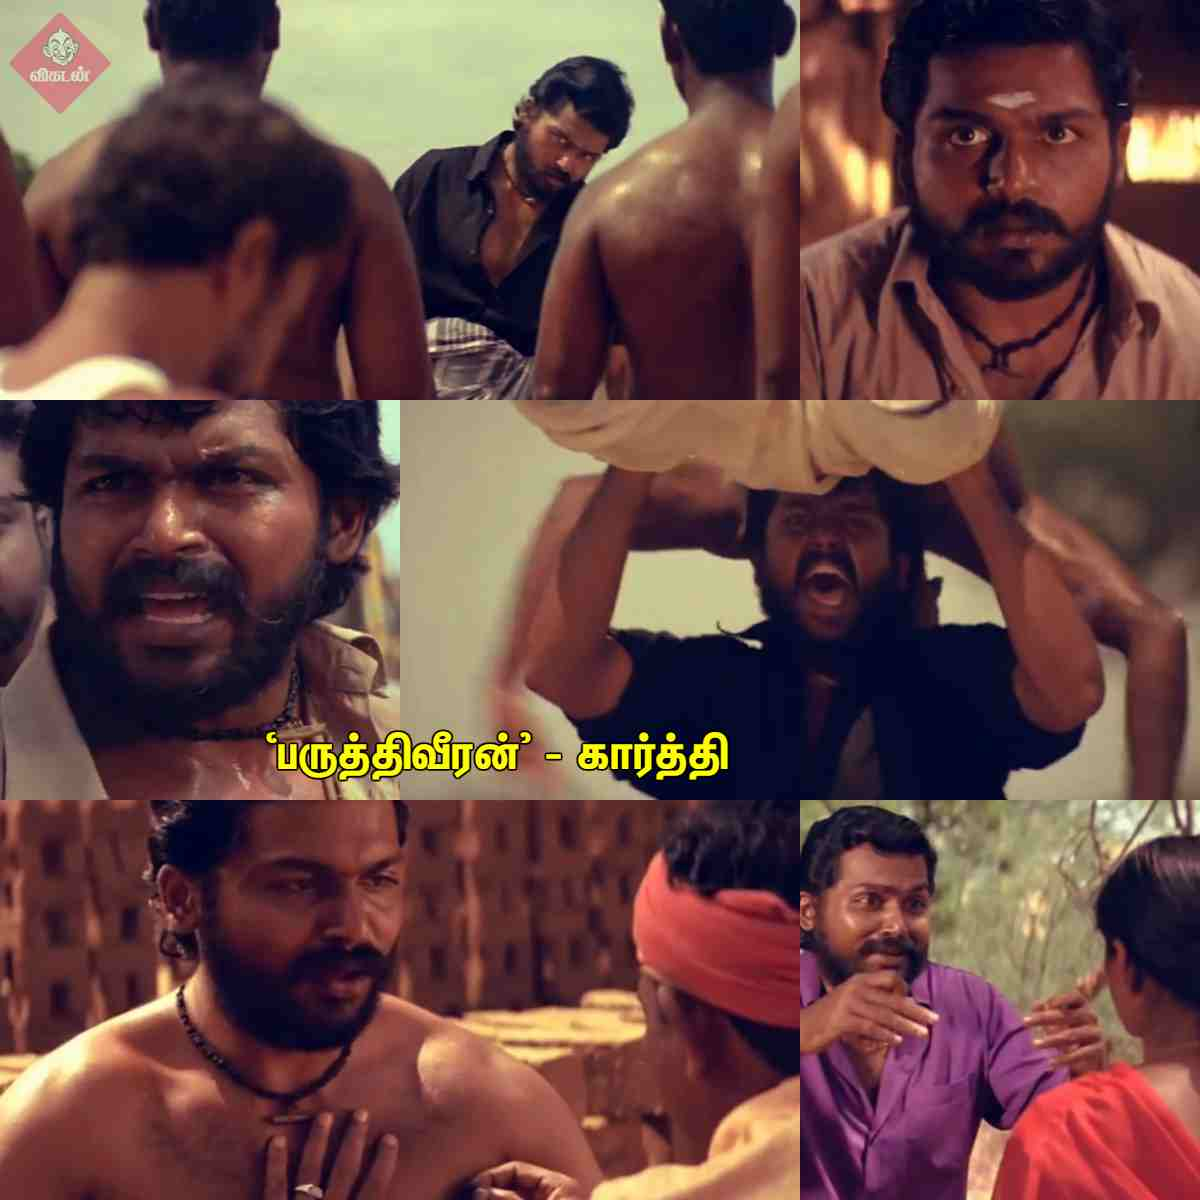 அருண் விஜய் முதல் அருள்நிதி வரை... இவர்கள் நடித்த பெஸ்ட் கதாபாத்திரங்கள்! #VikatanPhotoCards